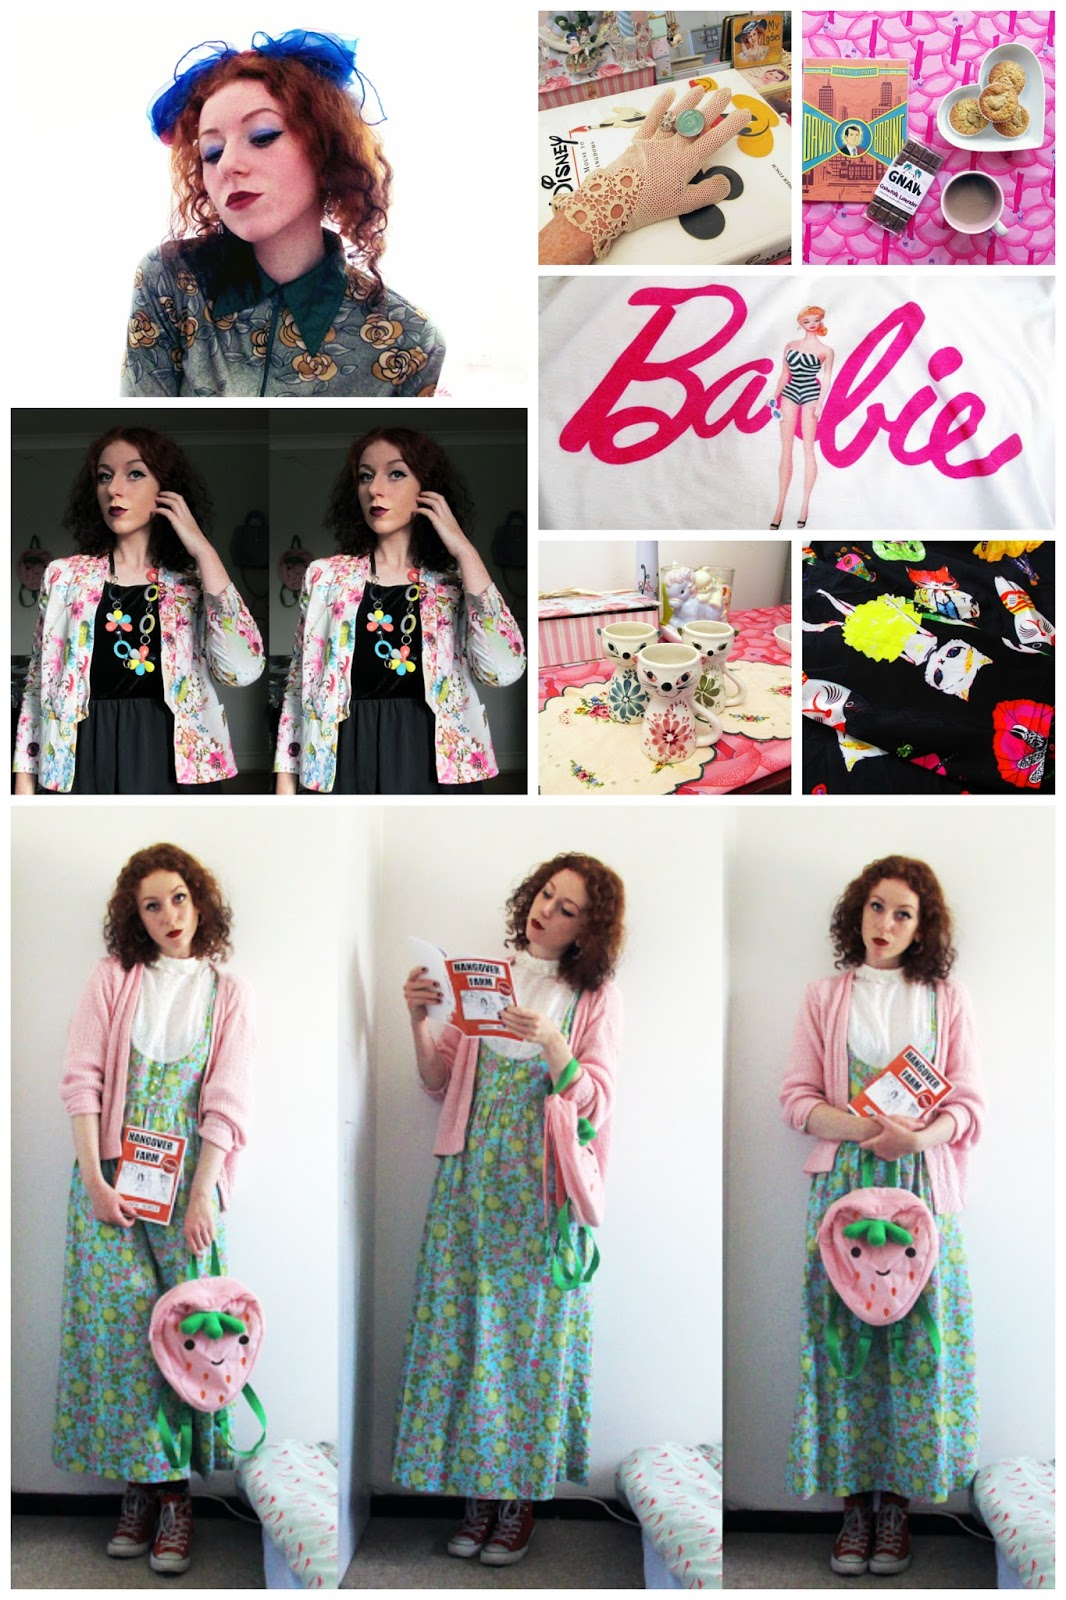 blog crush, blogger crush, favourite blogger, blogger tips, The Velvet Epidemic, cahrity shop chic